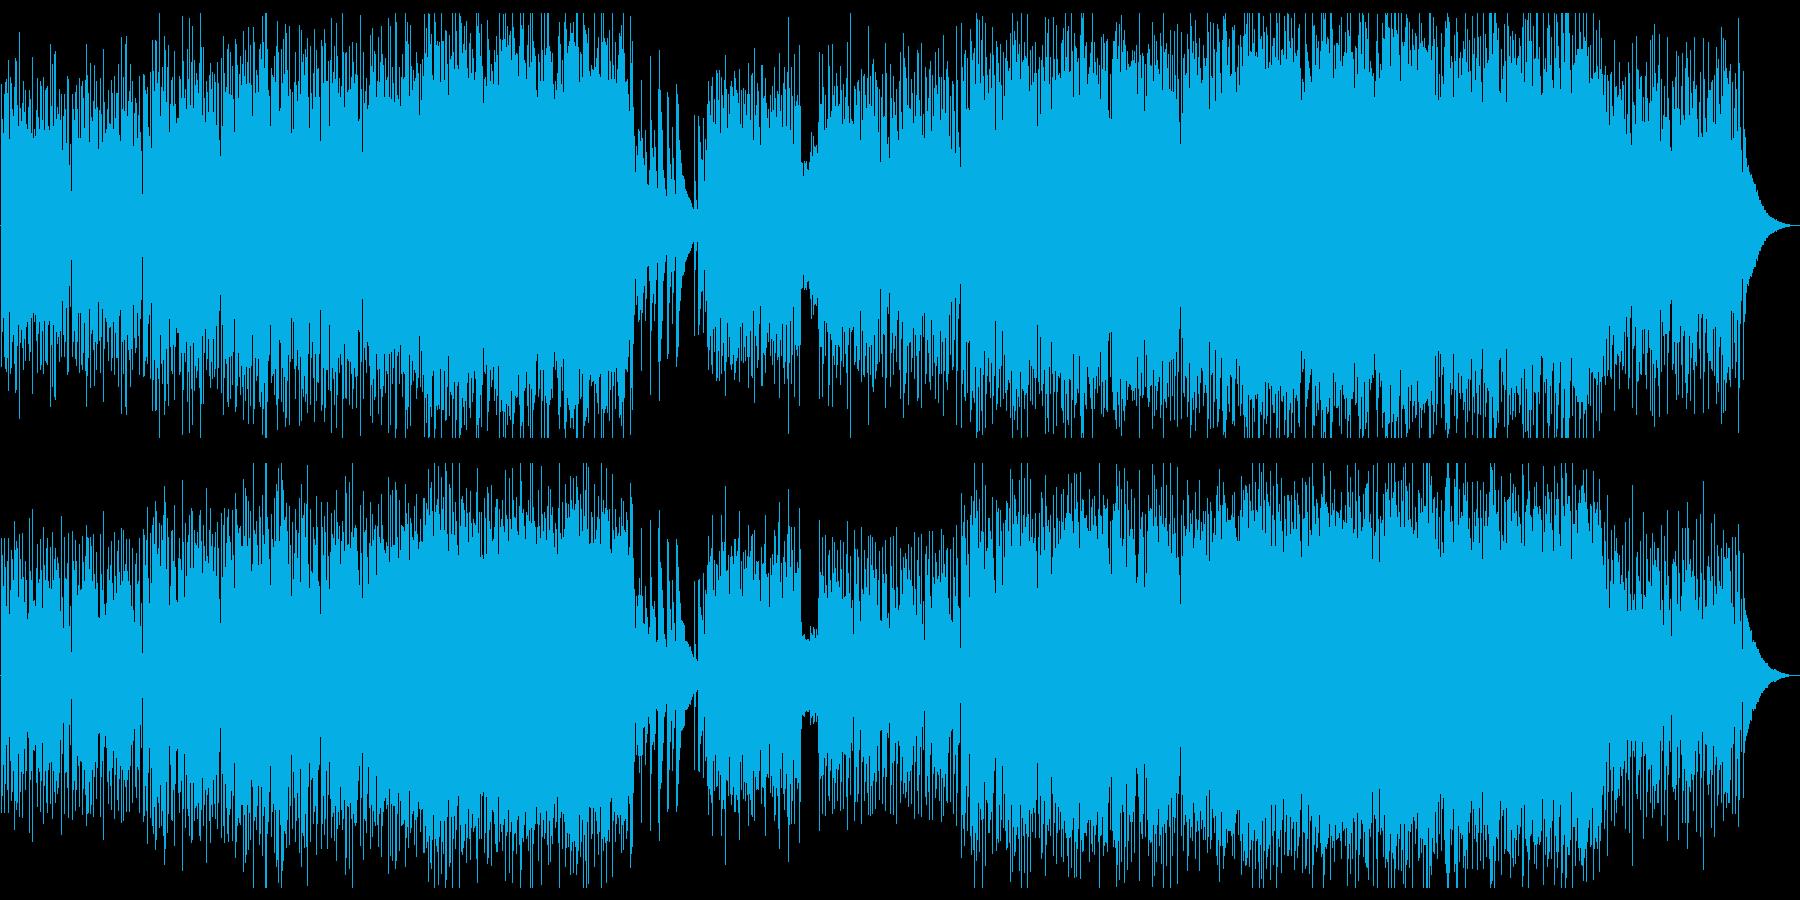 渋めのオリエンタルな雰囲気の楽曲の再生済みの波形